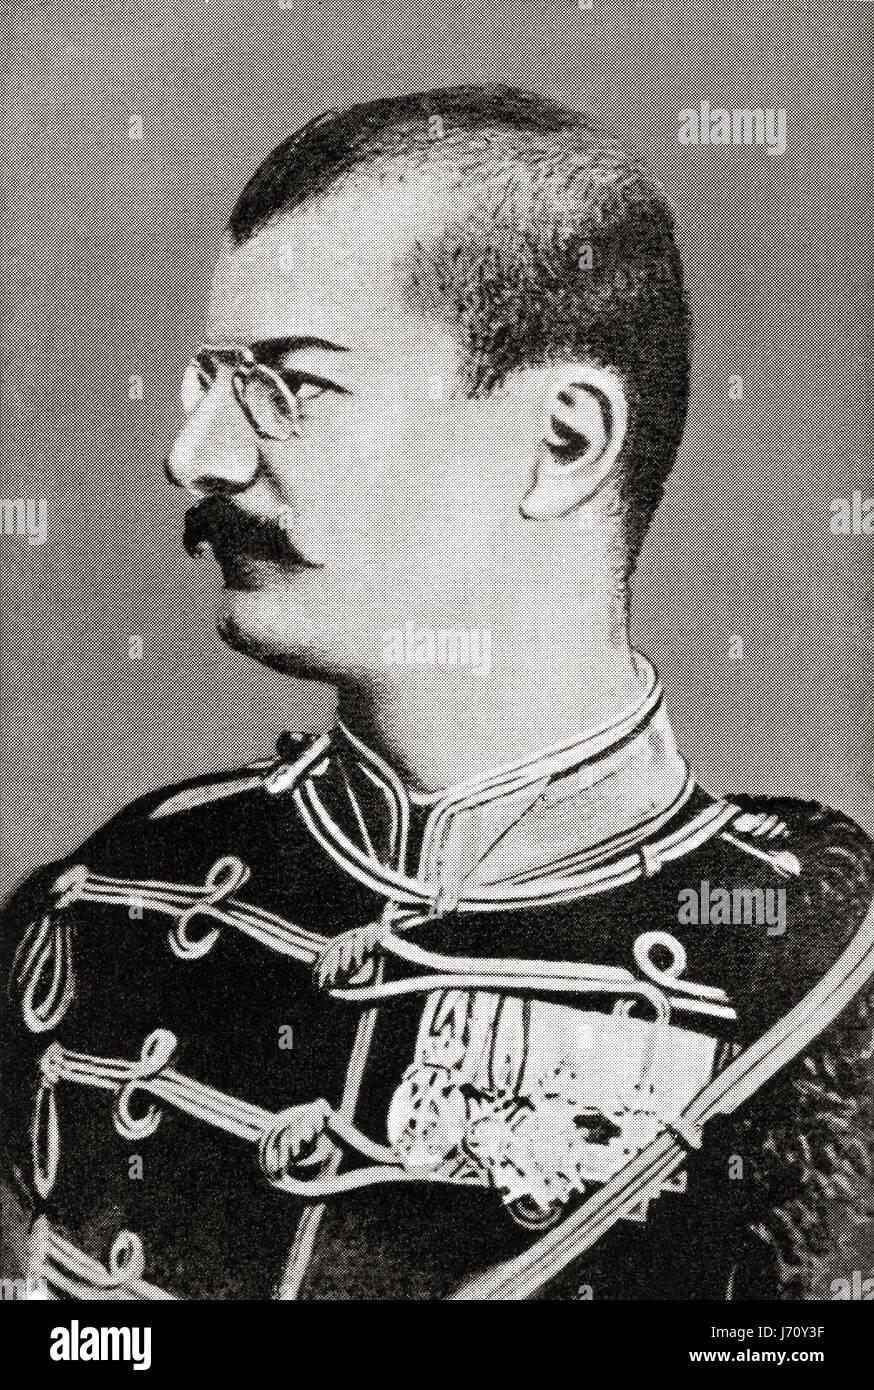 Alexander ich oder Aleksandar Obrenovi?, 1876 ? 1903.  König von Serbien.  Hutchinson Geschichte der Nationen Stockbild